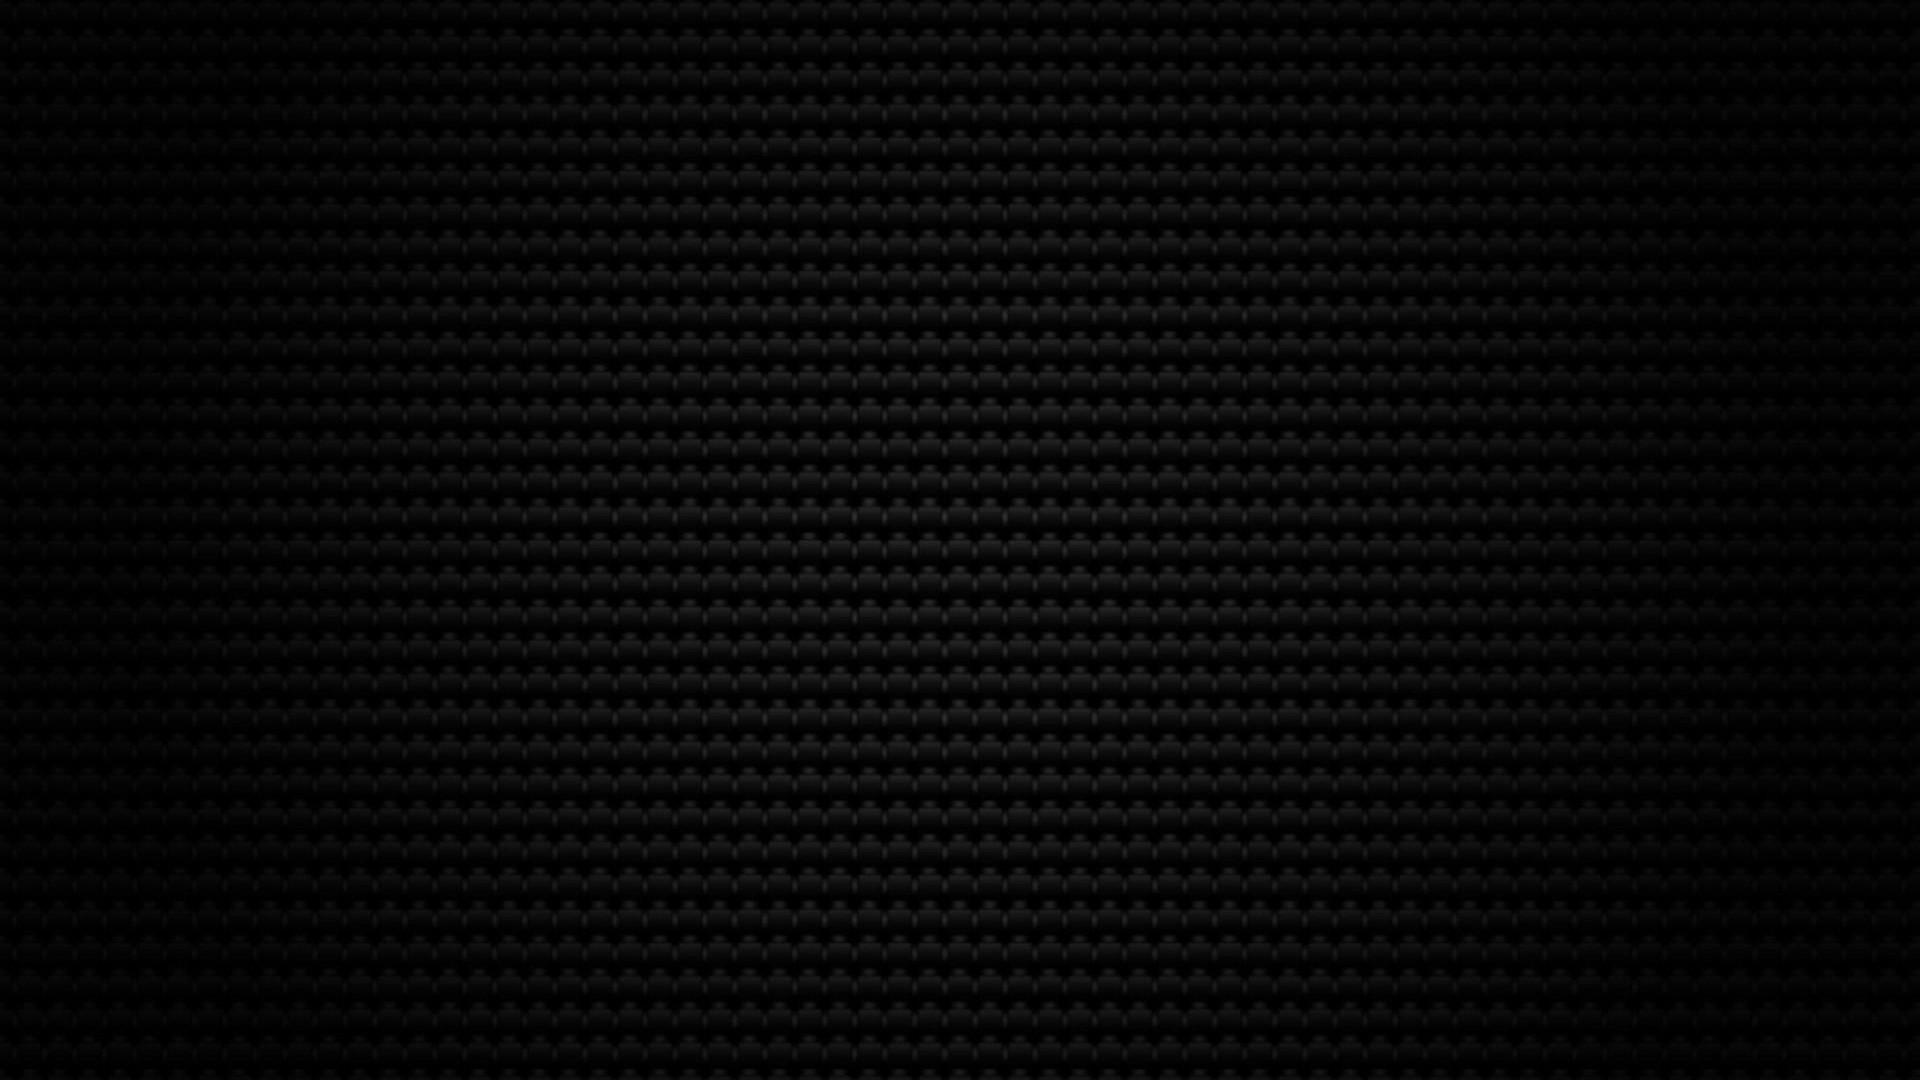 HD Carbon Fiber Wallpaper (79+ images)